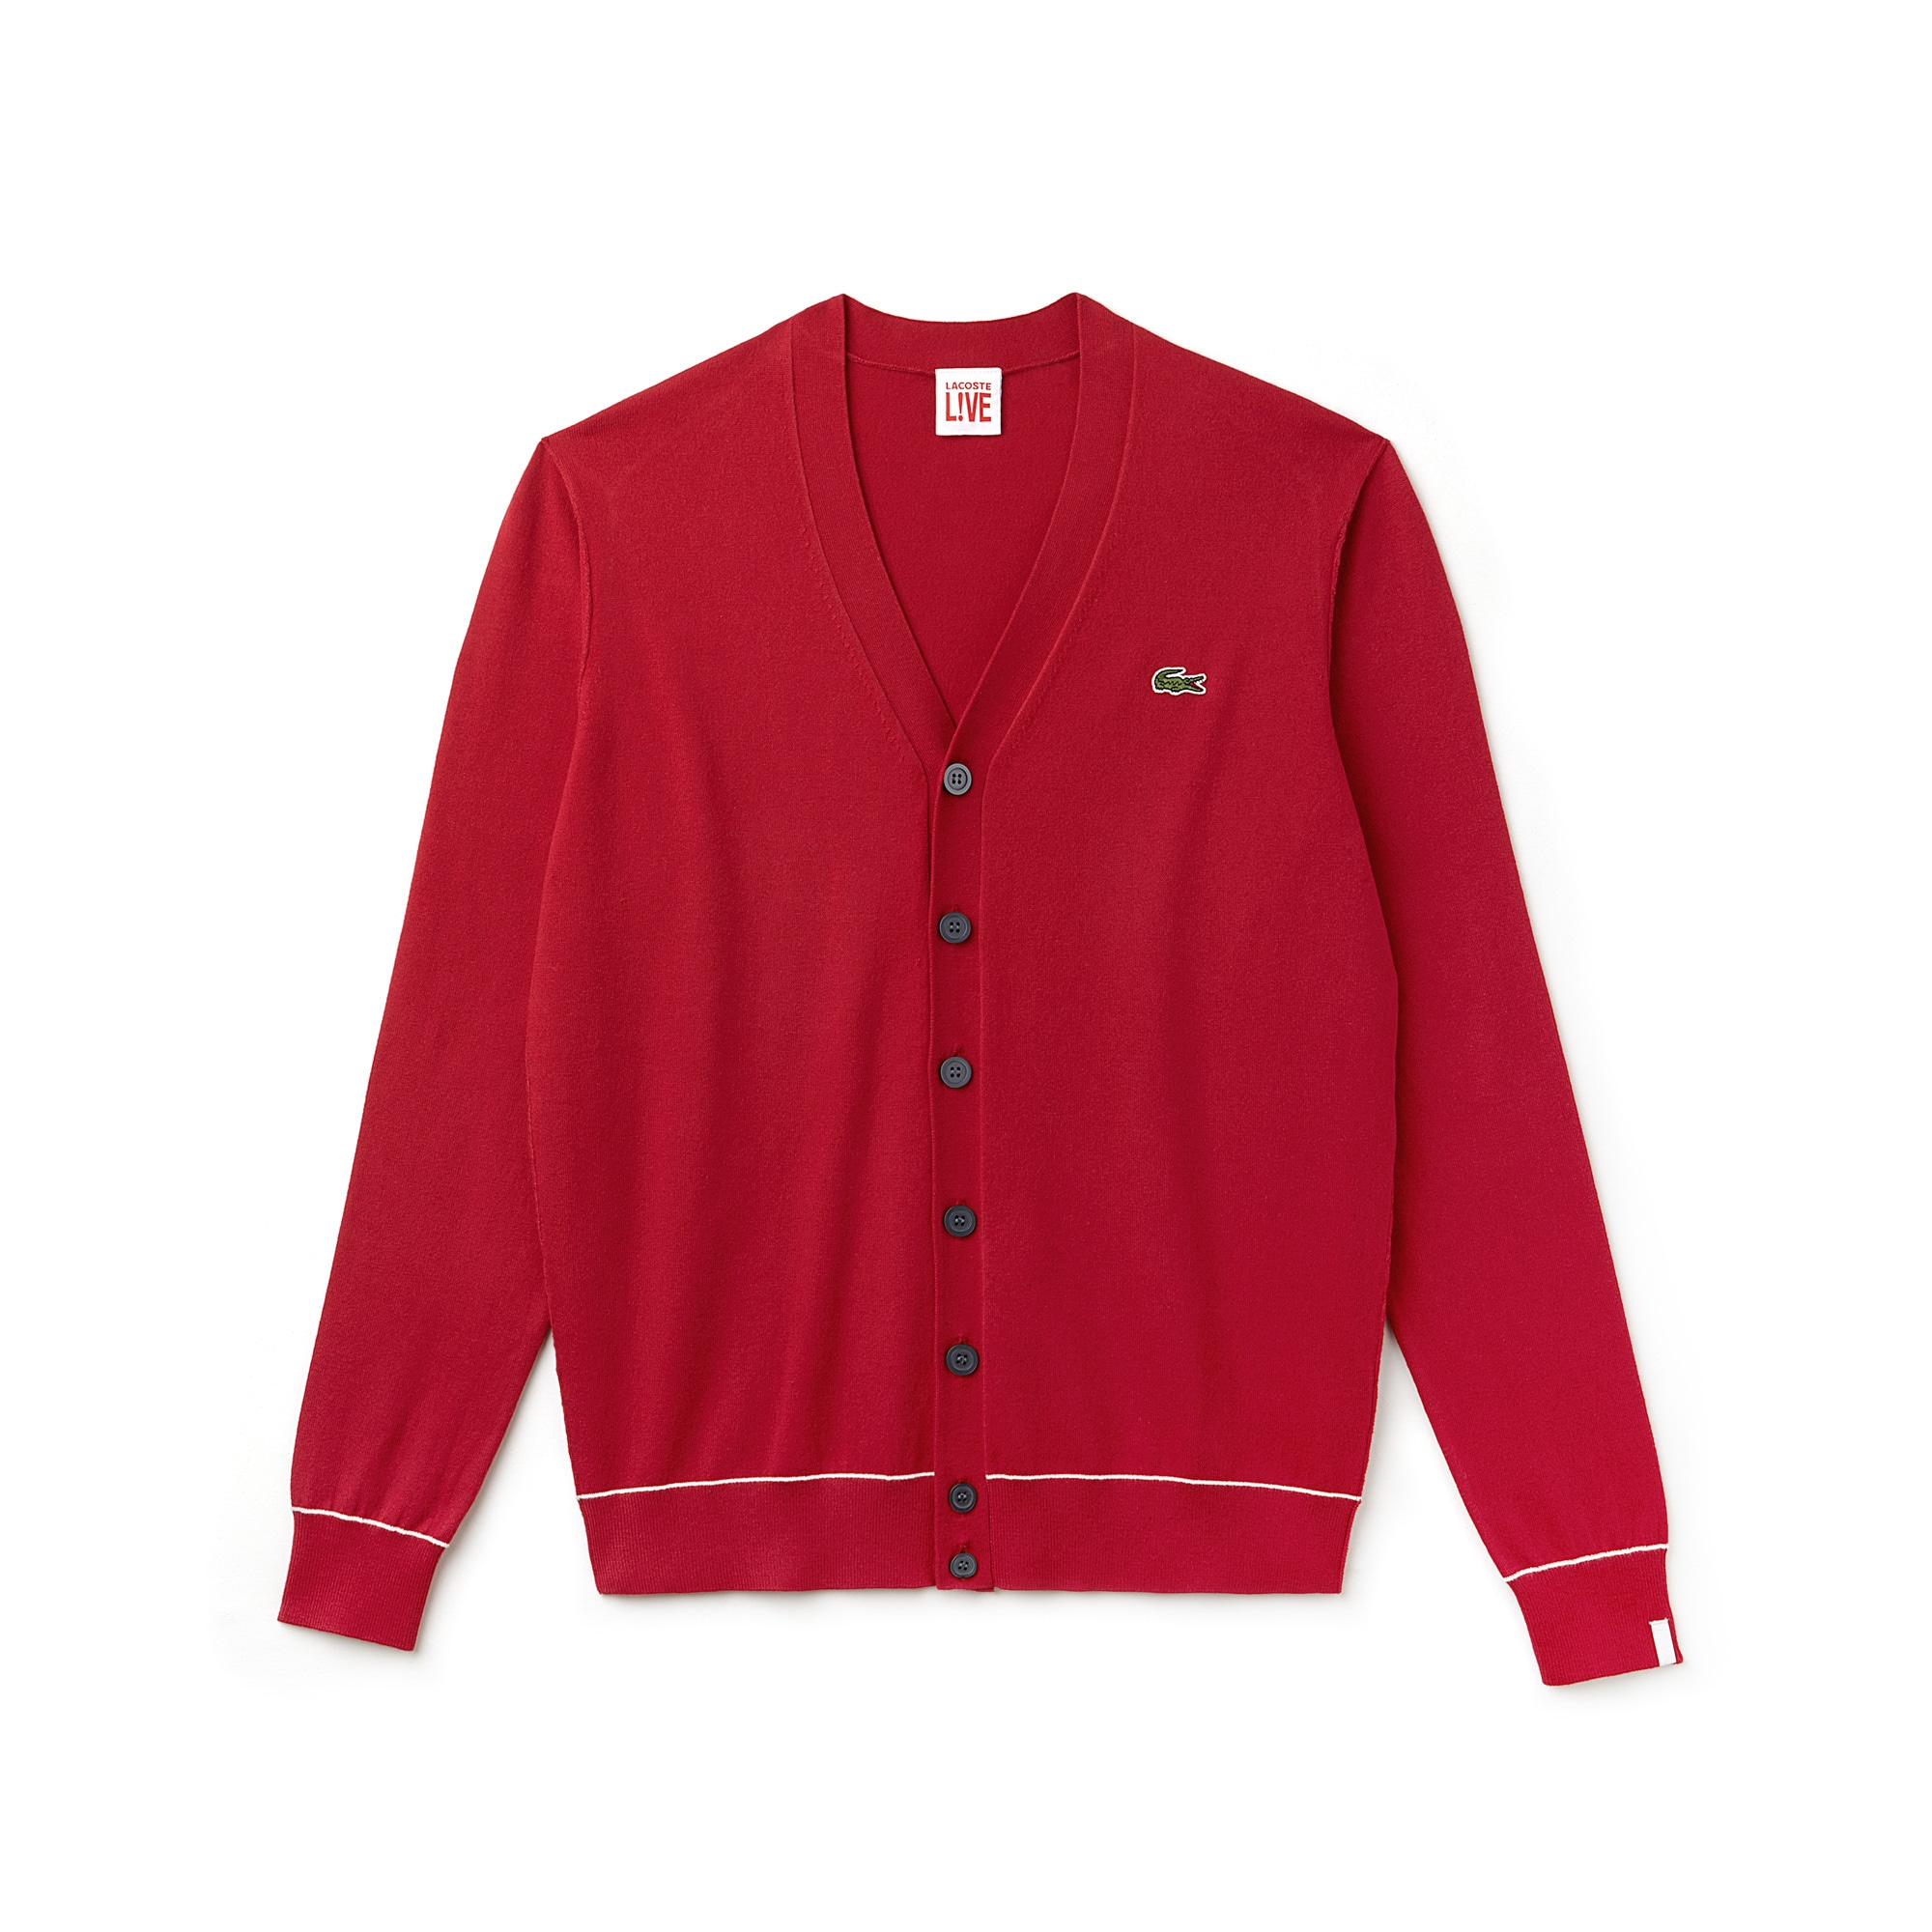 Casaco de malha Lacoste LIVE em jersey de algodão e seda unicolor